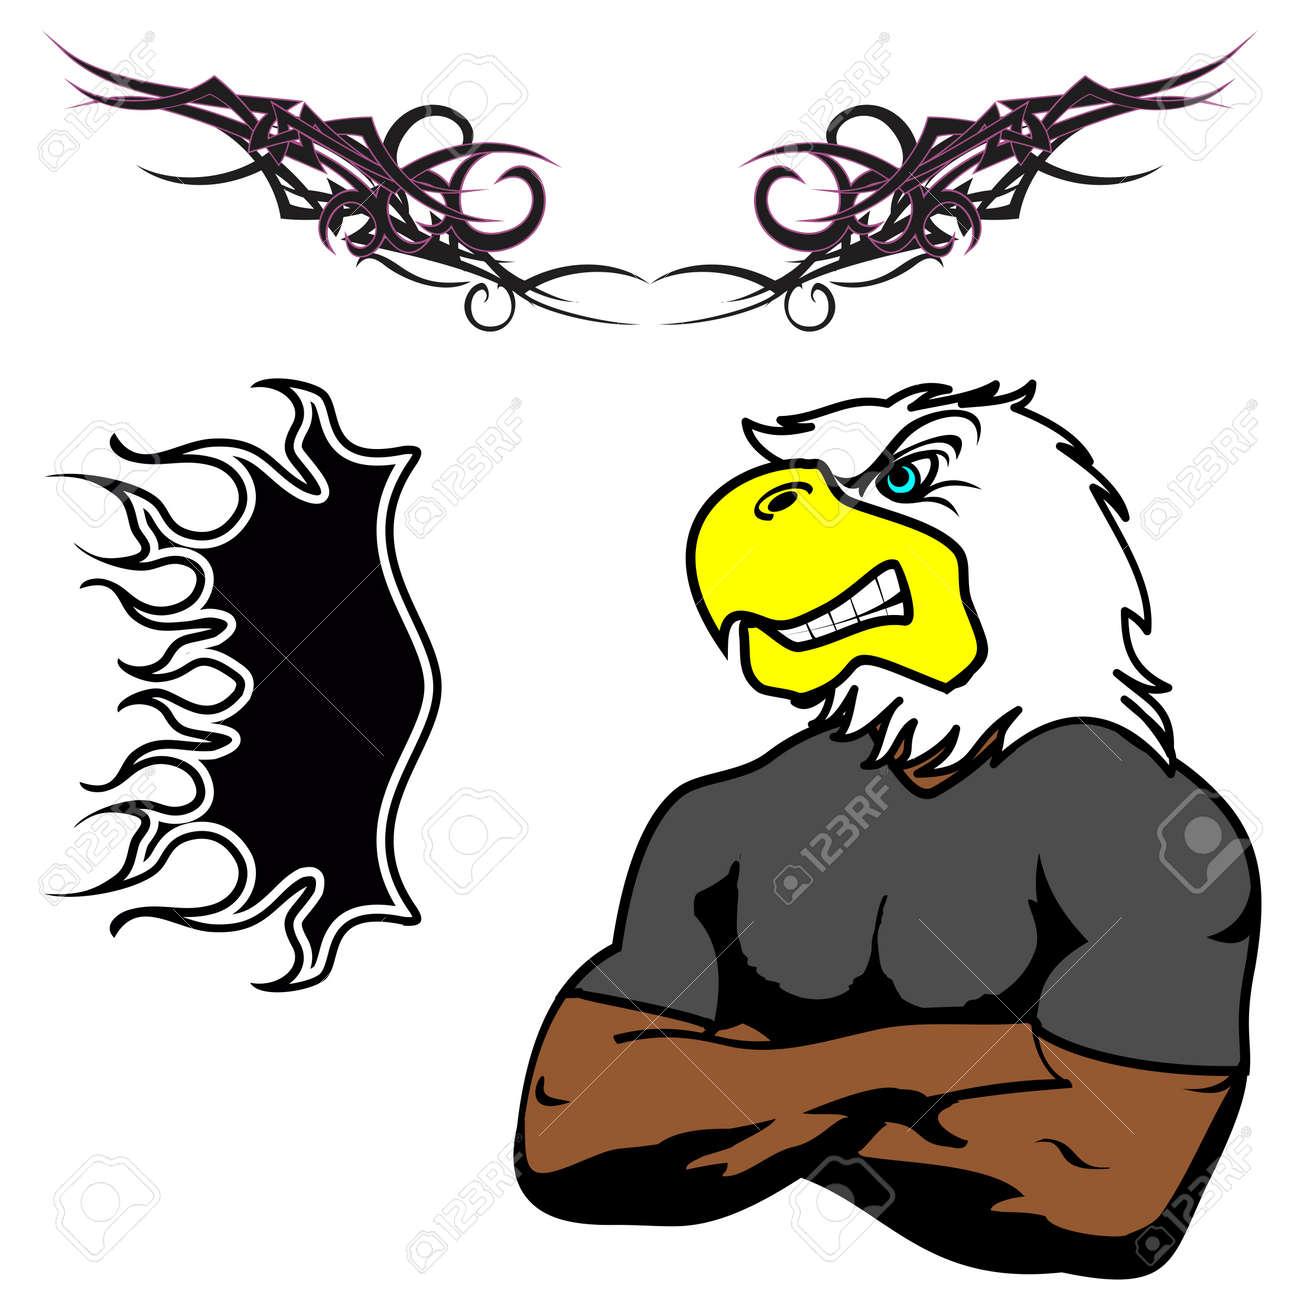 Enojado Muscular águila De Dibujos Animados Set En El Vector Fromat ...